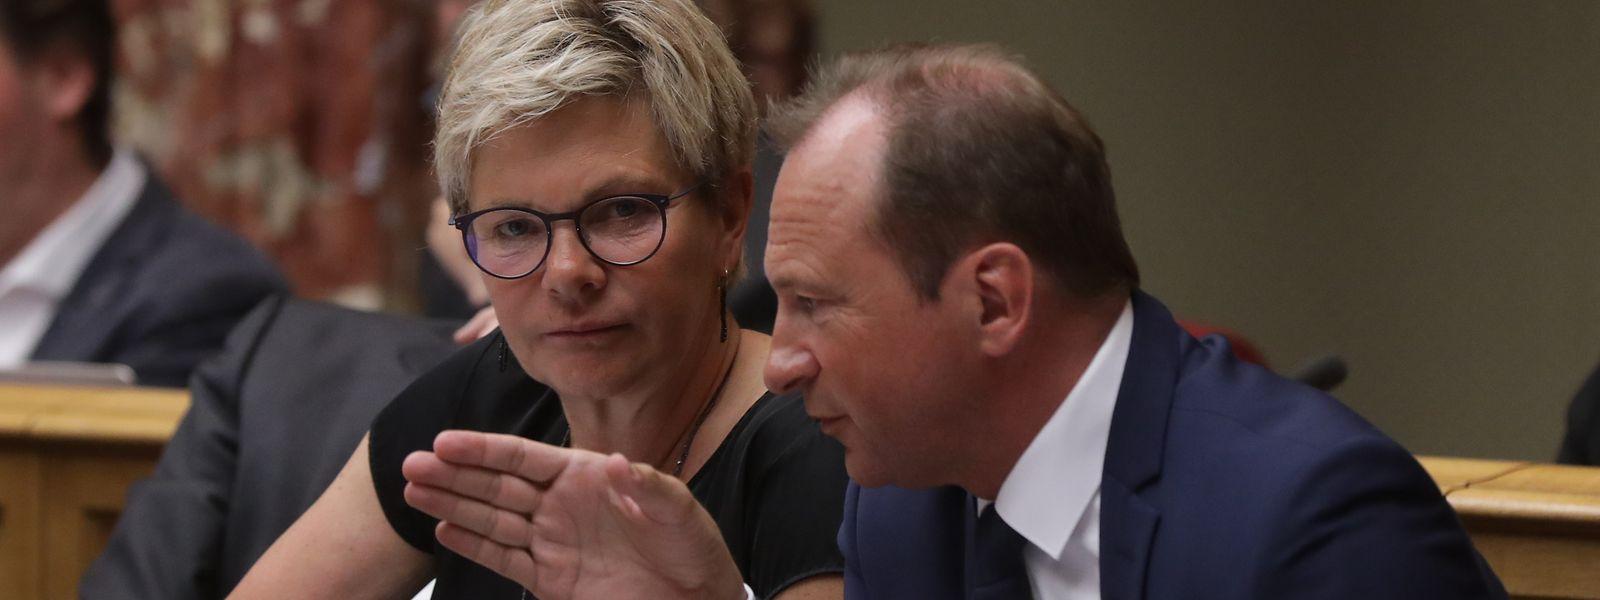 Künftig sollen Martine Hansen und Gilles Roth gemeinsam die Richtung in der CSV-Fraktion vorgeben.